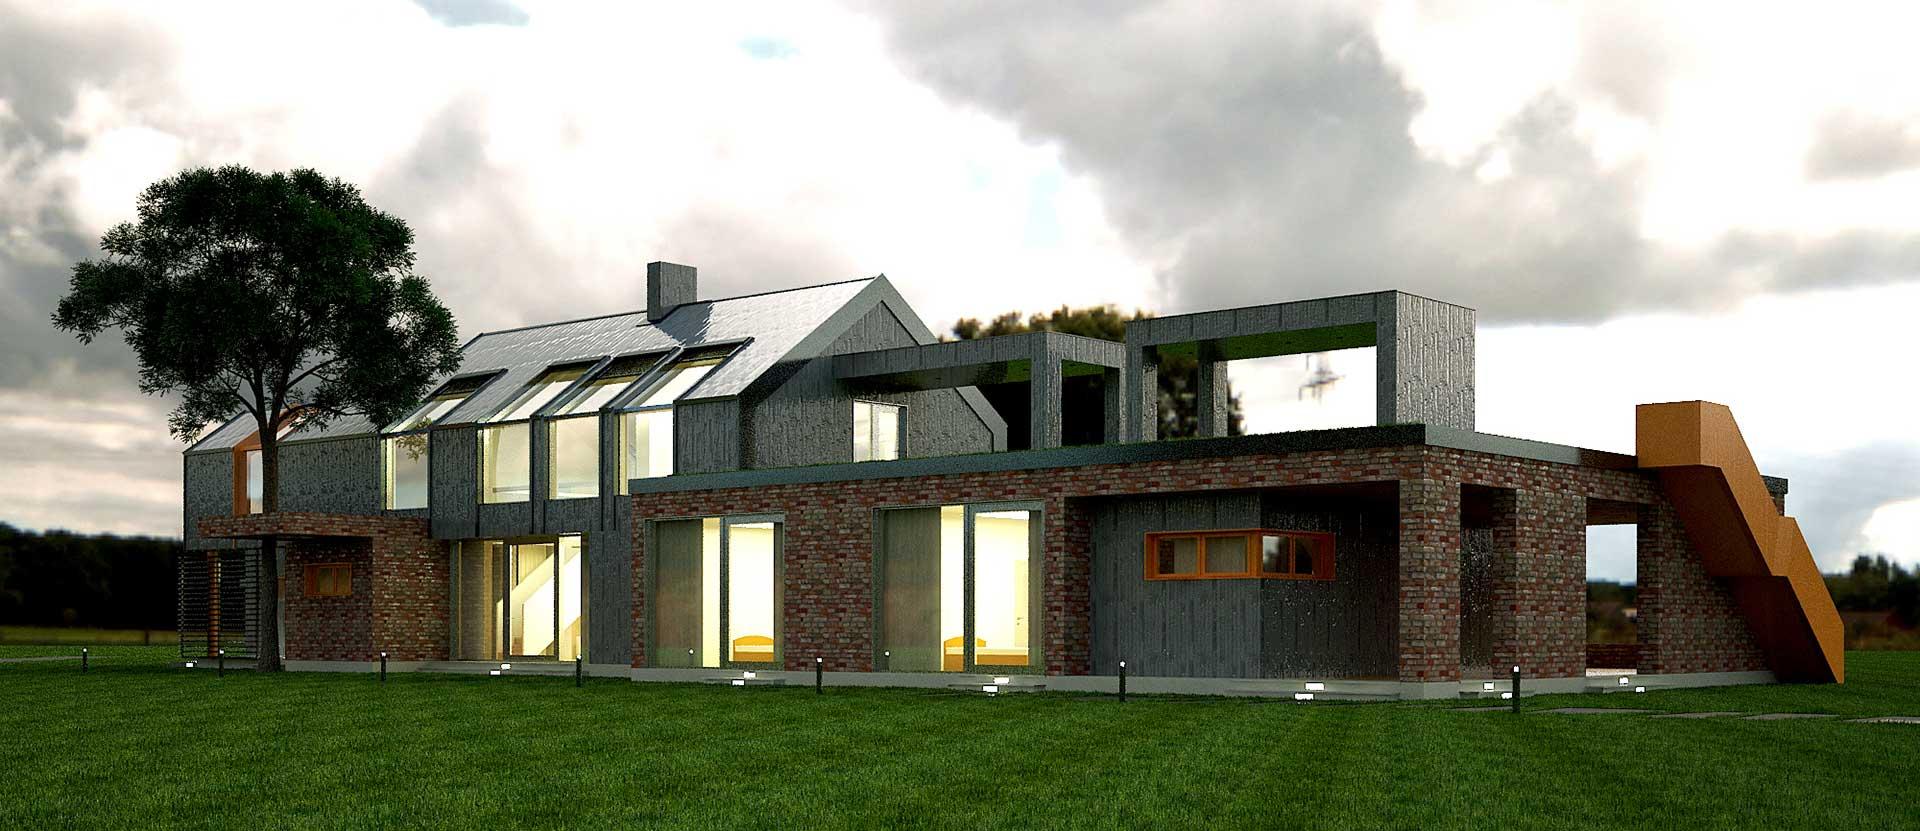 Проектное предложение индивидуального жилого дома (фото 2)